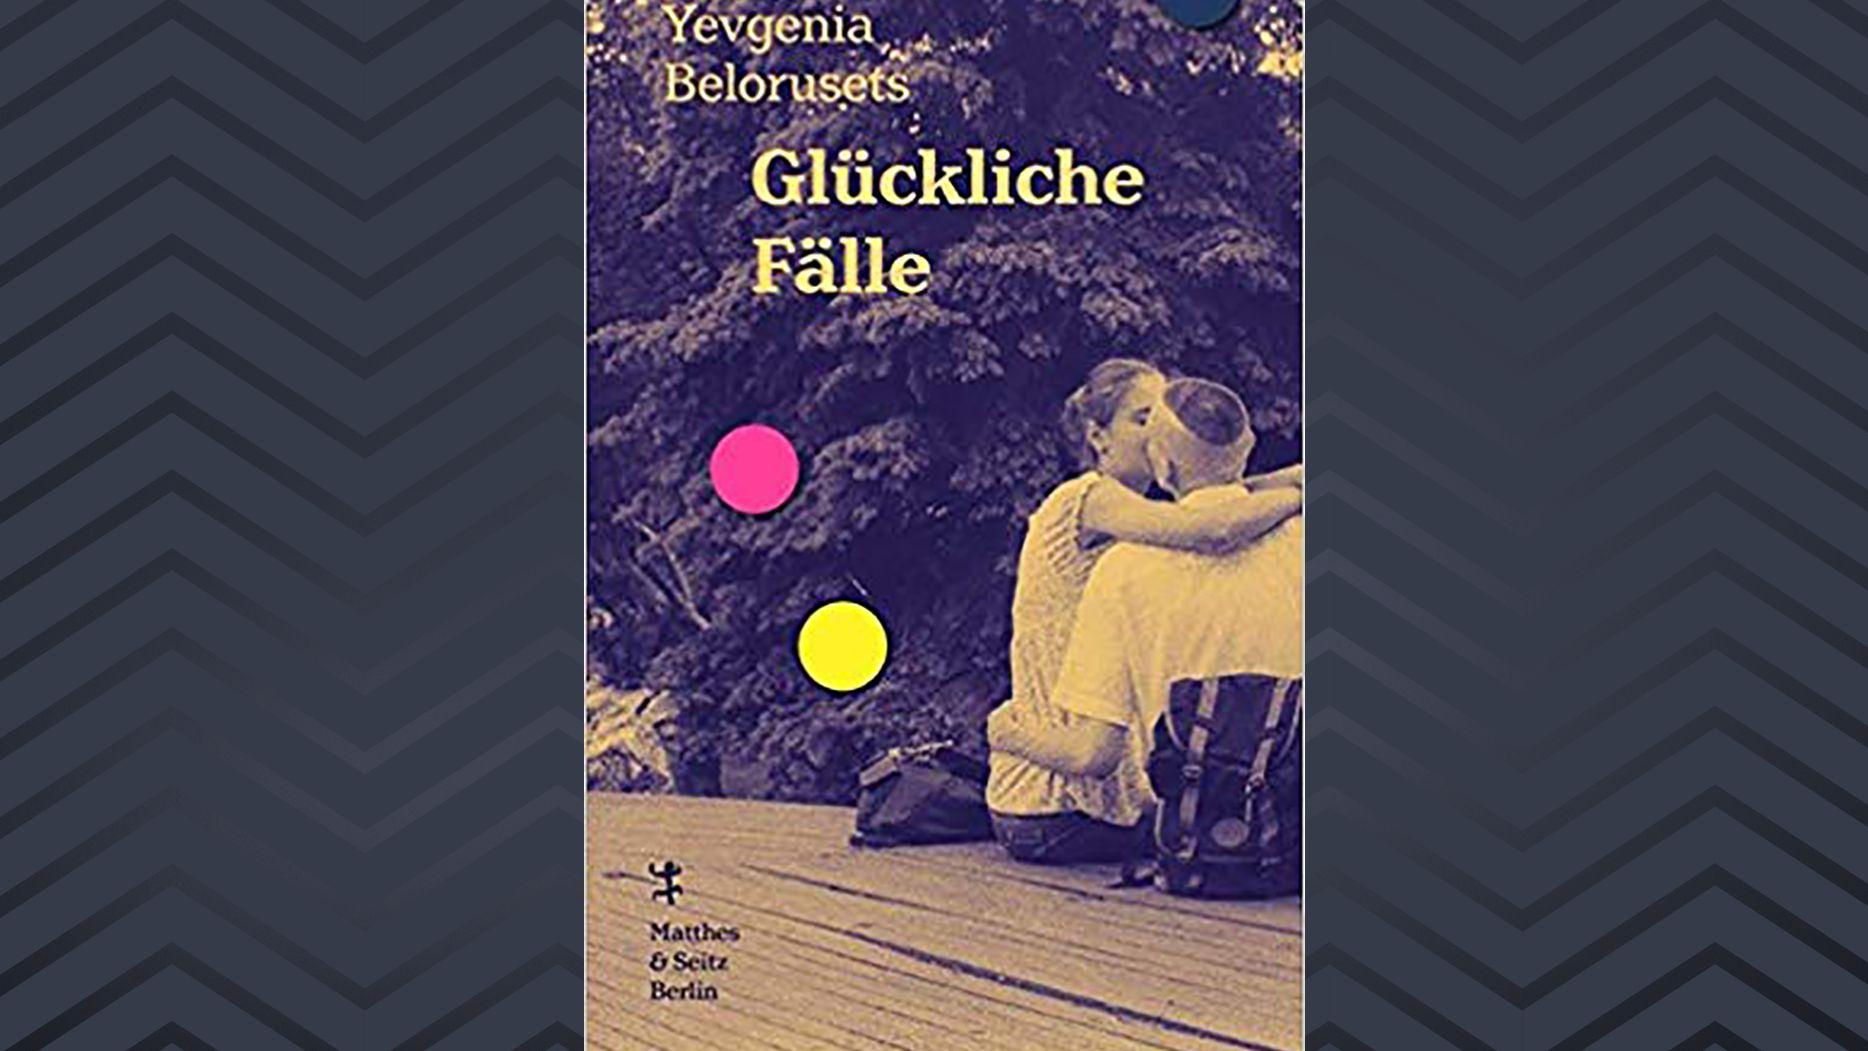 """""""Glückliche Fälle"""" von Yevgenia Belorusetz: Buchcover mit küssendem Paar"""